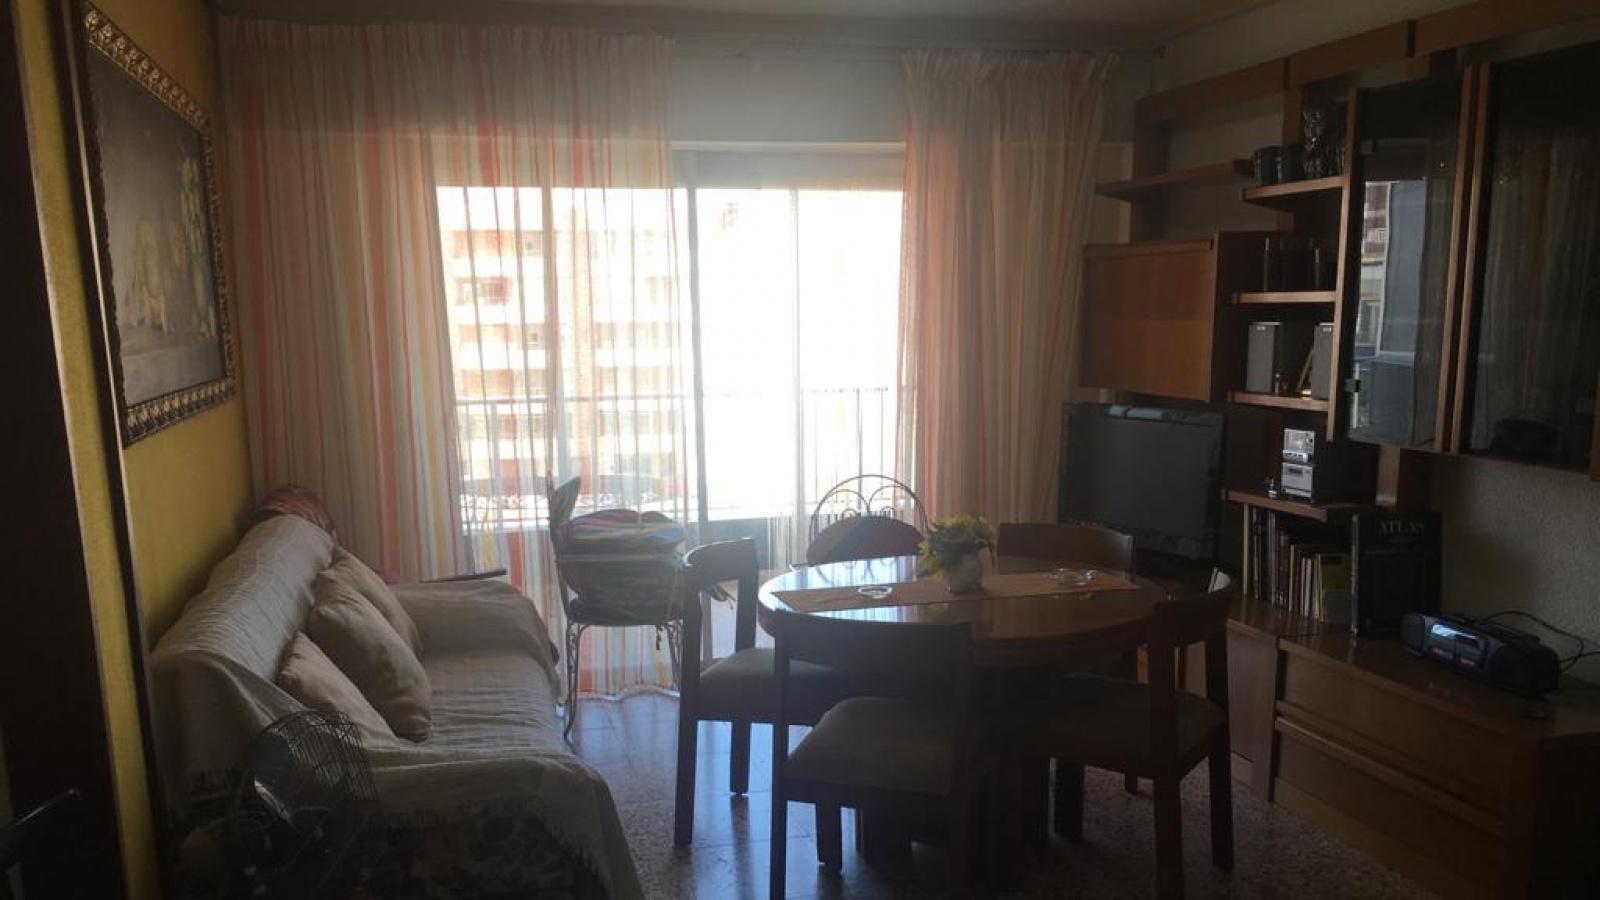 SANTA POLA, 03130, 3 Habitaciones Habitaciones, ,2 BathroomsBathrooms,Apartamento,En Alquiler,1016